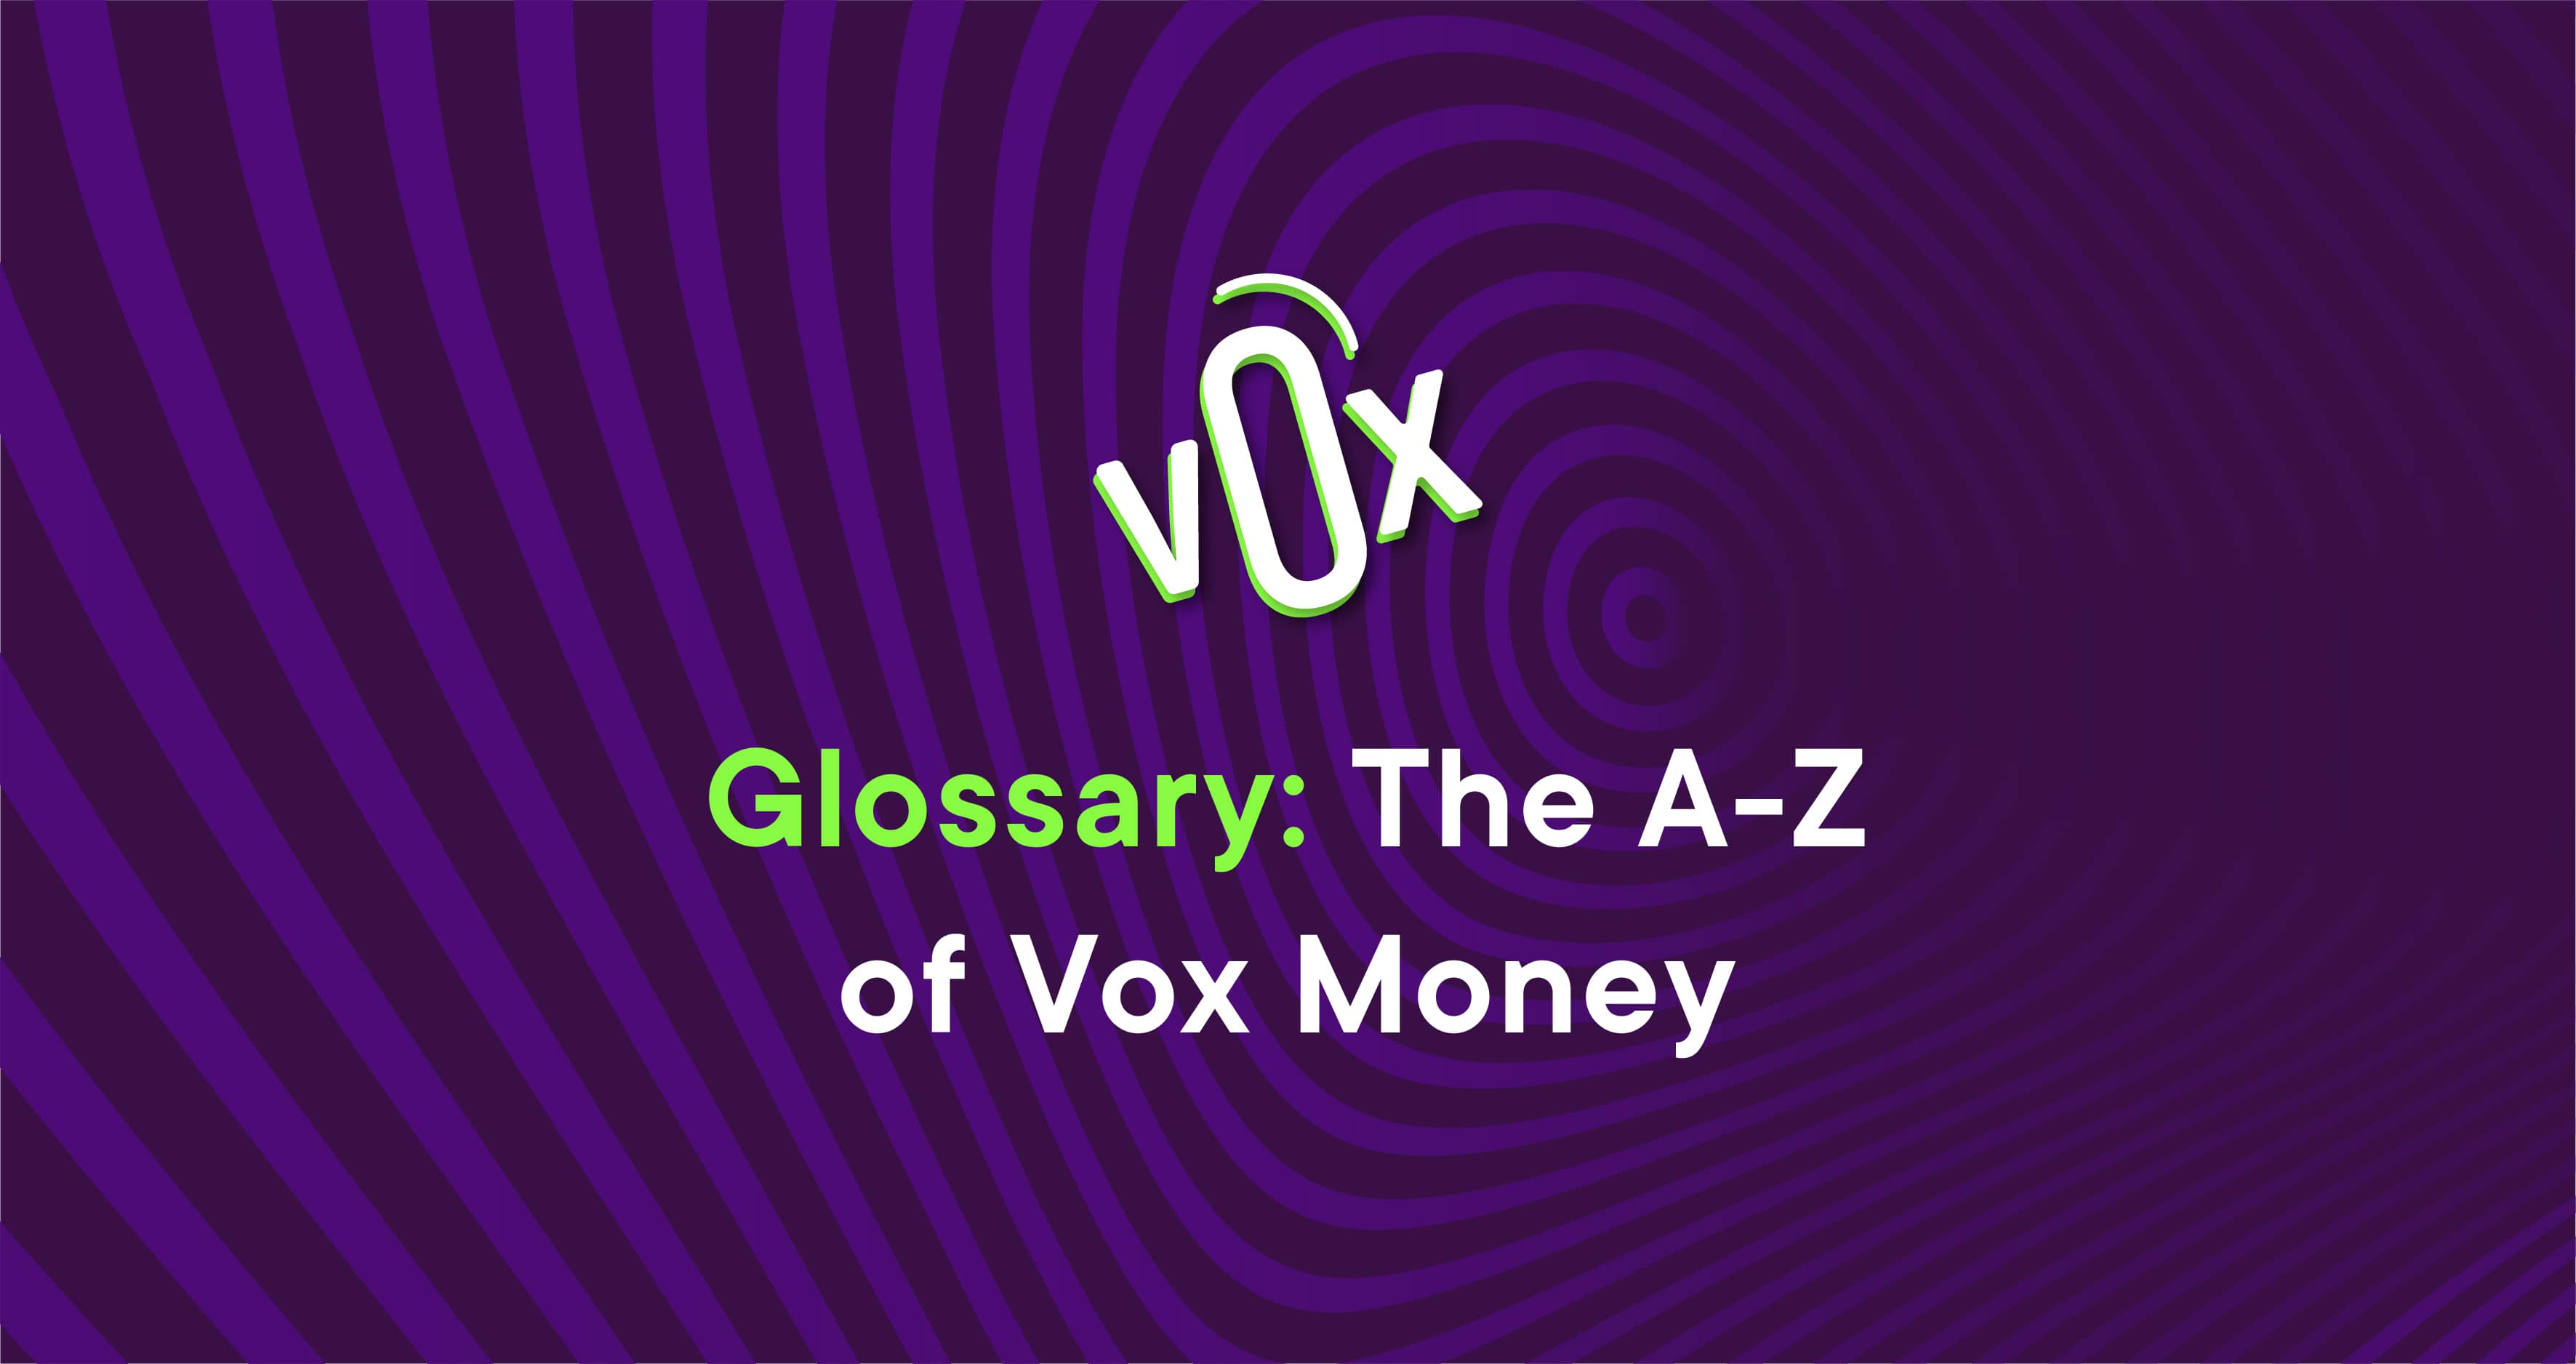 Vox glossary